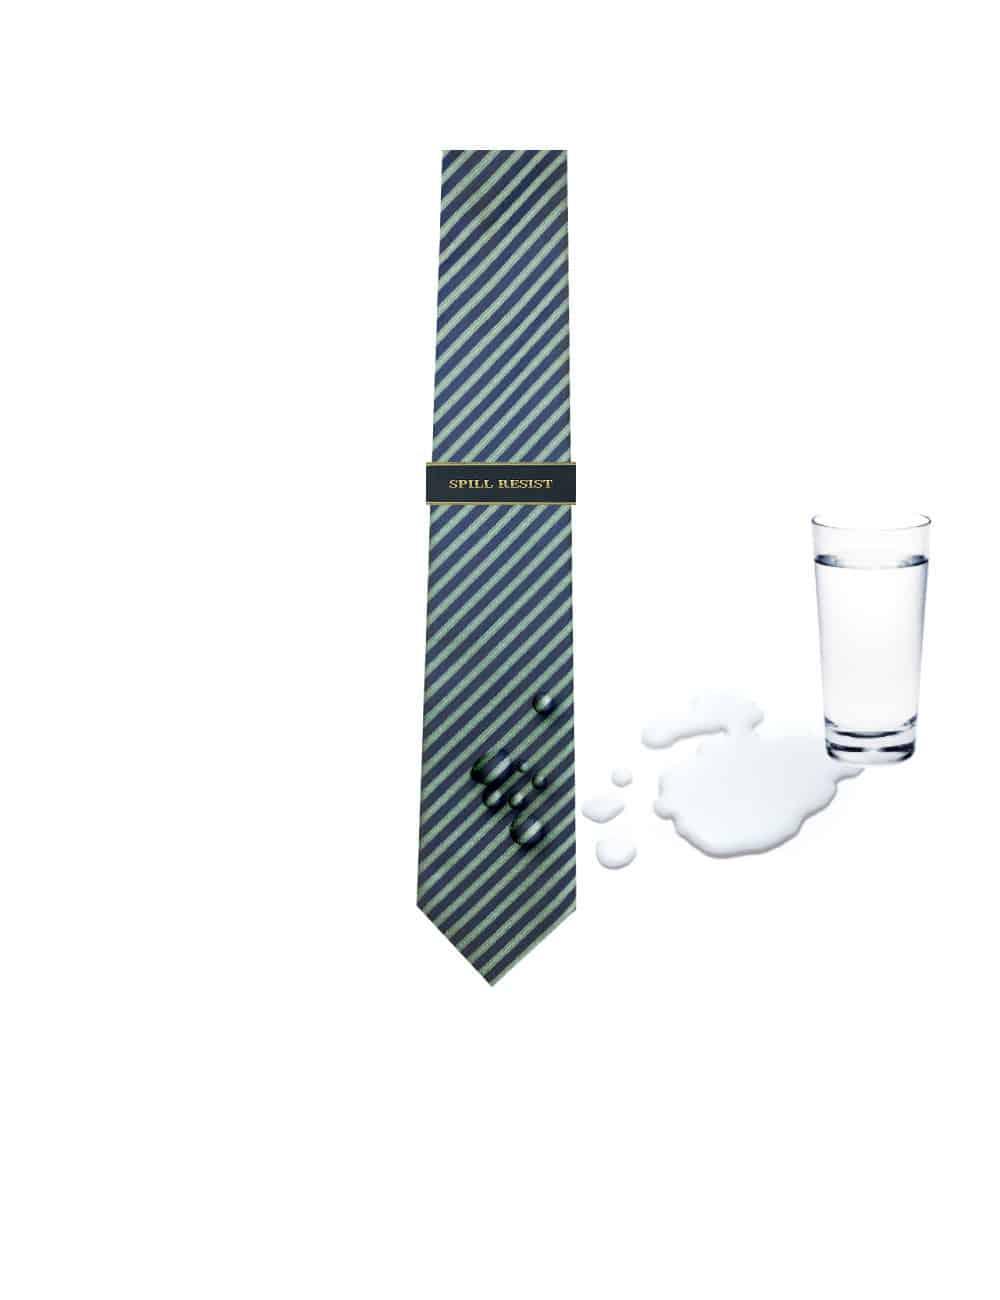 Green Stripes Spill Resist Woven Reversible Necktie RNT6.9